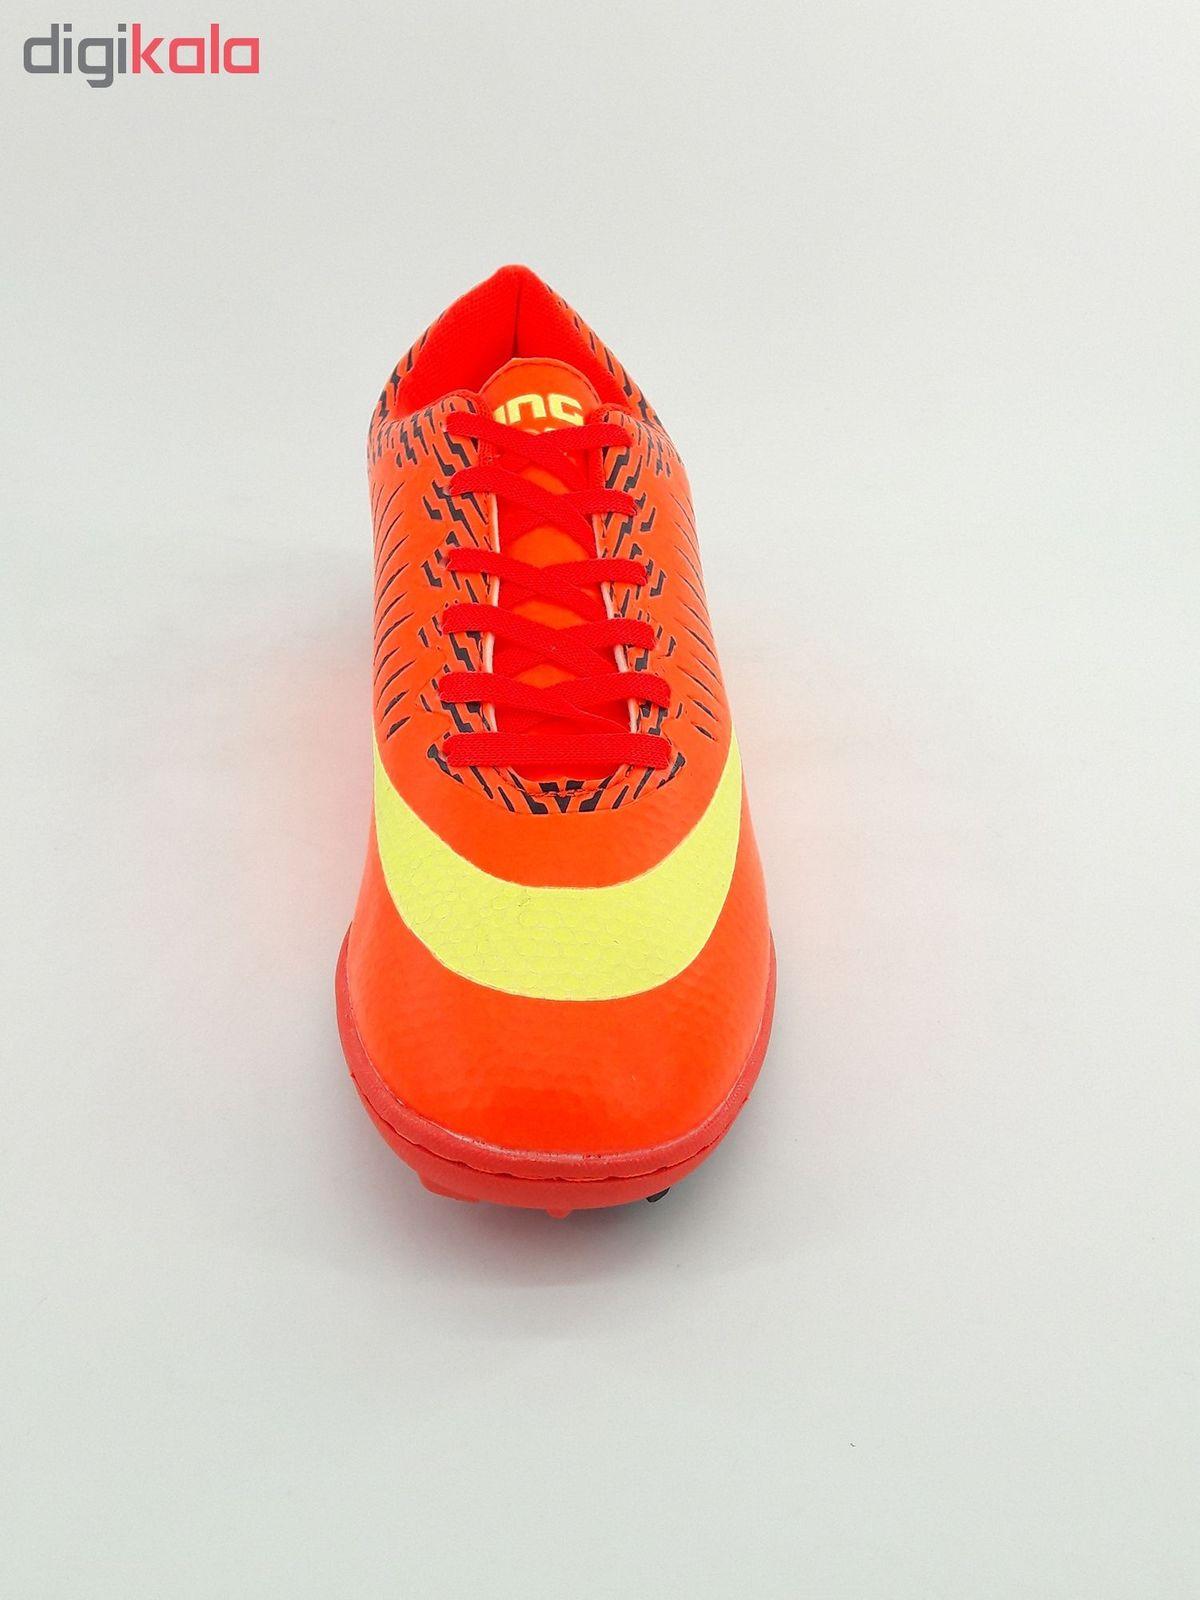 کفش فوتبال مردانه کینگ مدل Sky city 7 org001